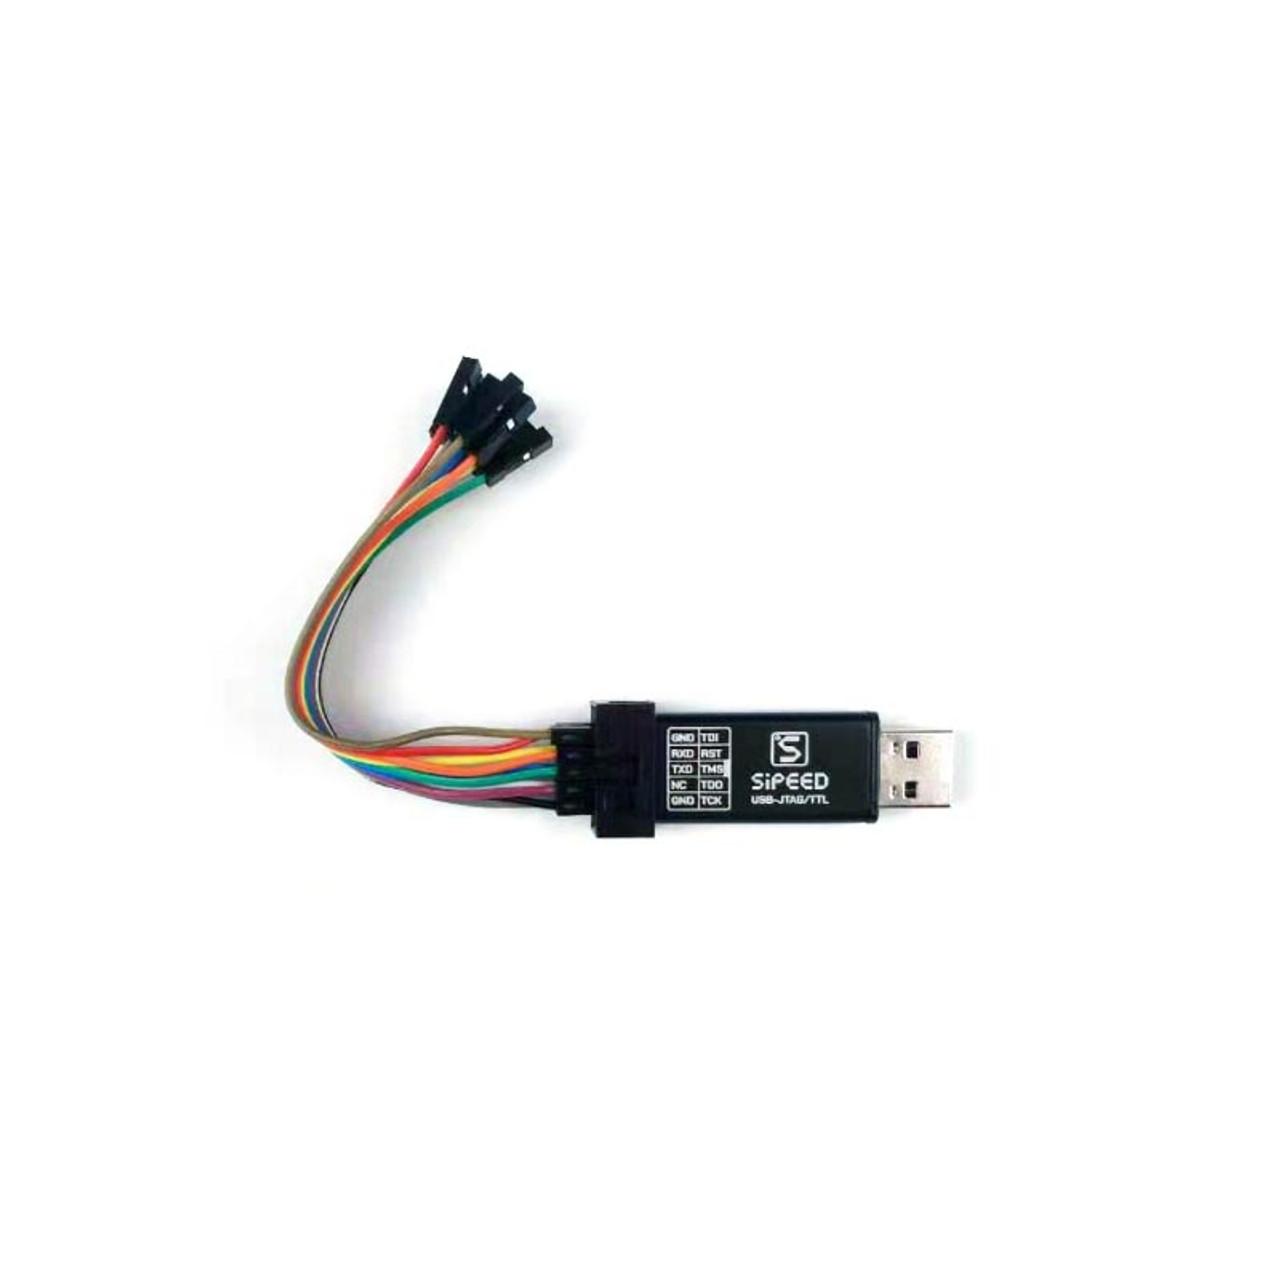 Sipeed USB-JTAG/TTL RISC-V Debugger Electronics Computers ...